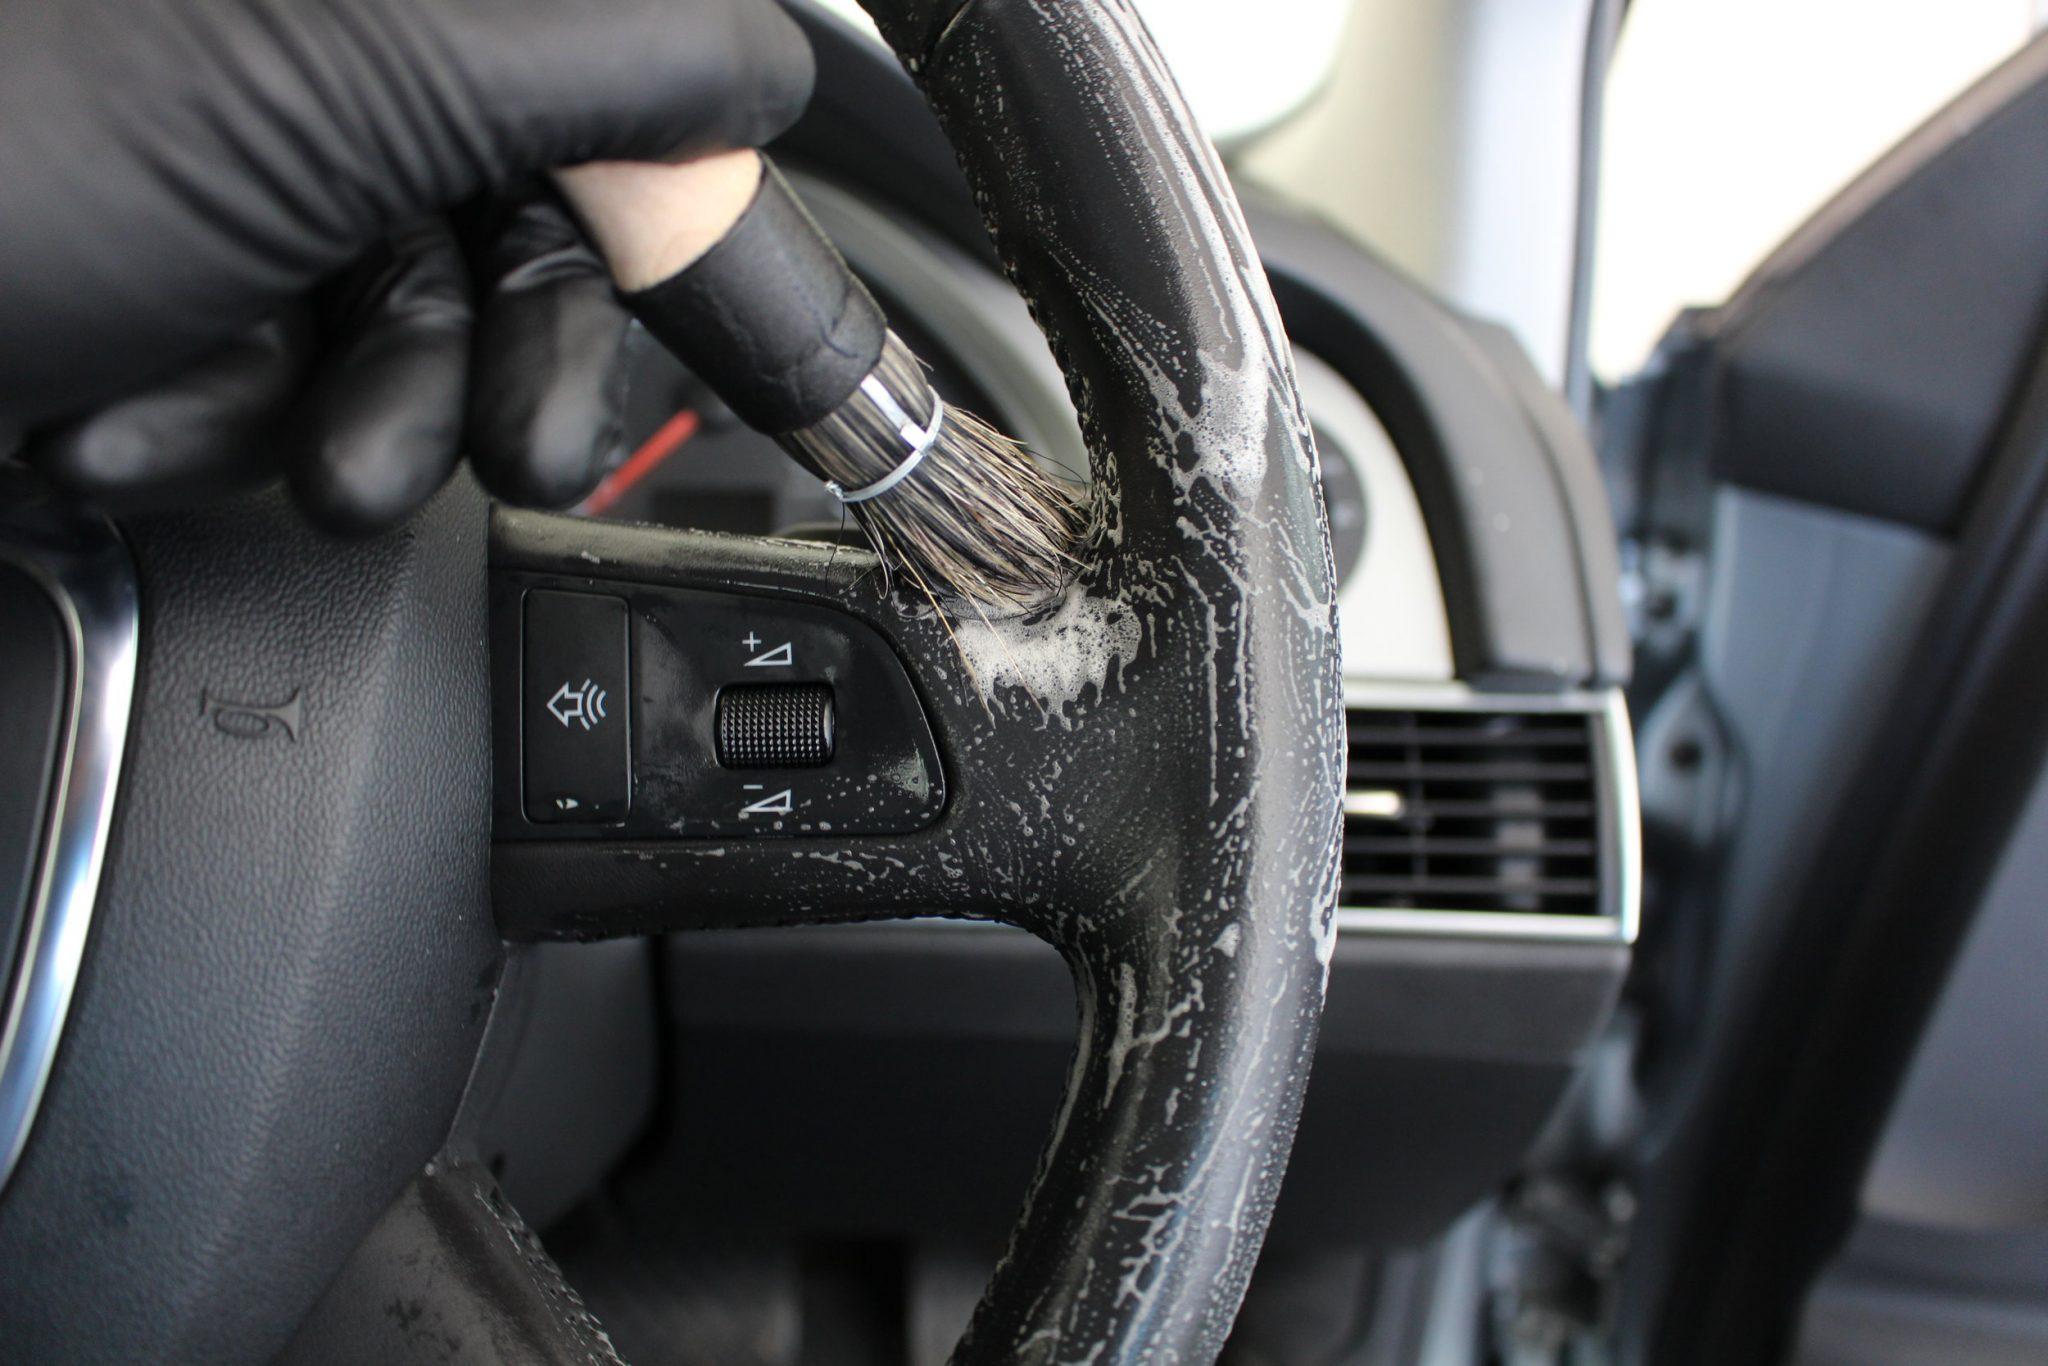 Interior Car Detailing – Black River Details